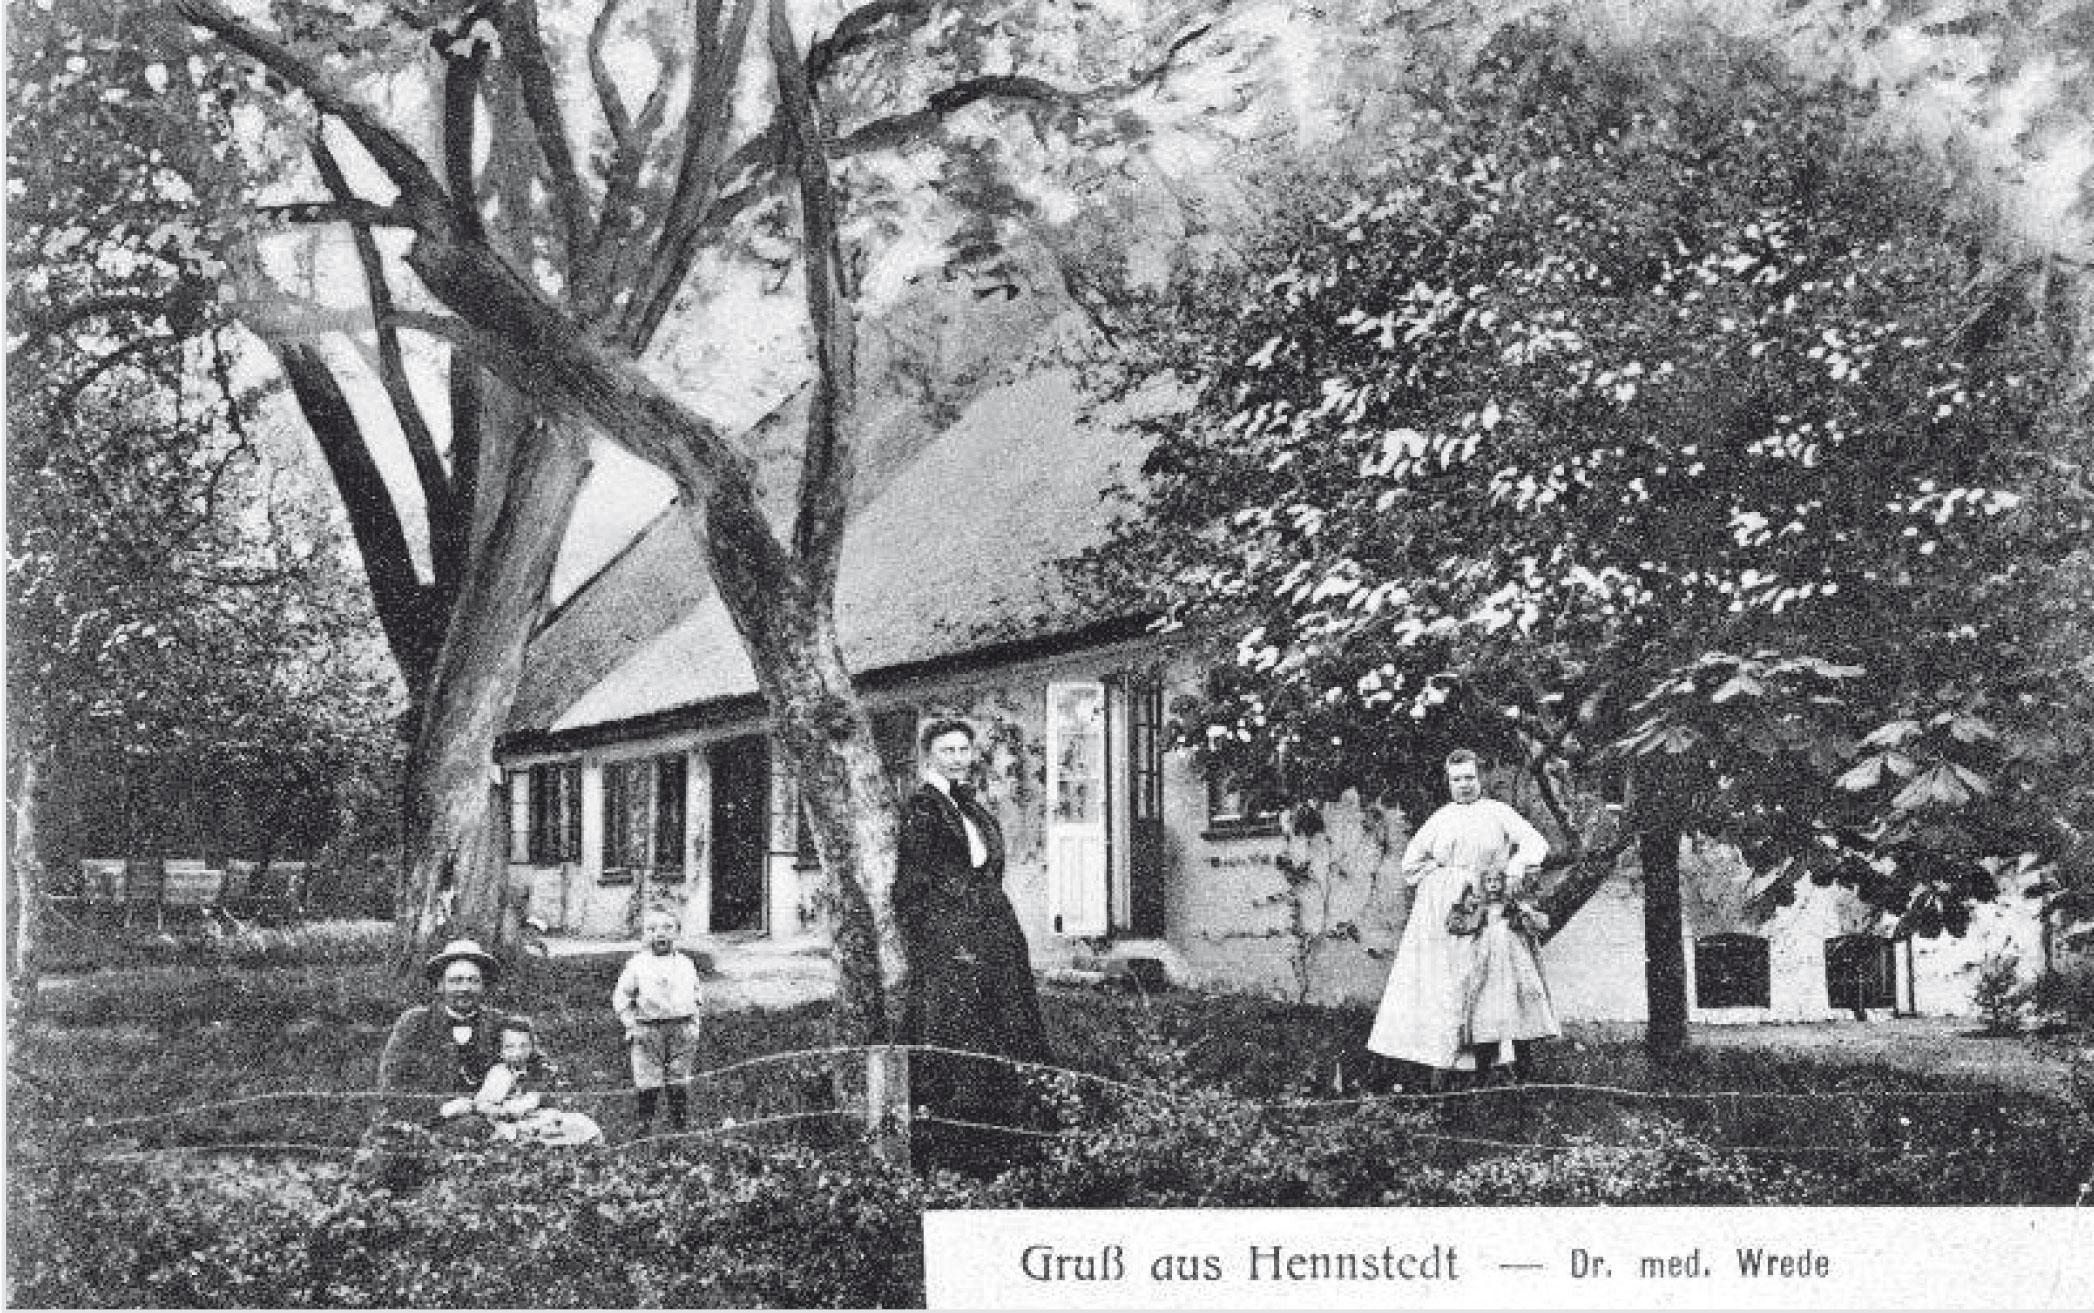 dorf_bilder/Chronik-Hennstedt-191-2.jpg